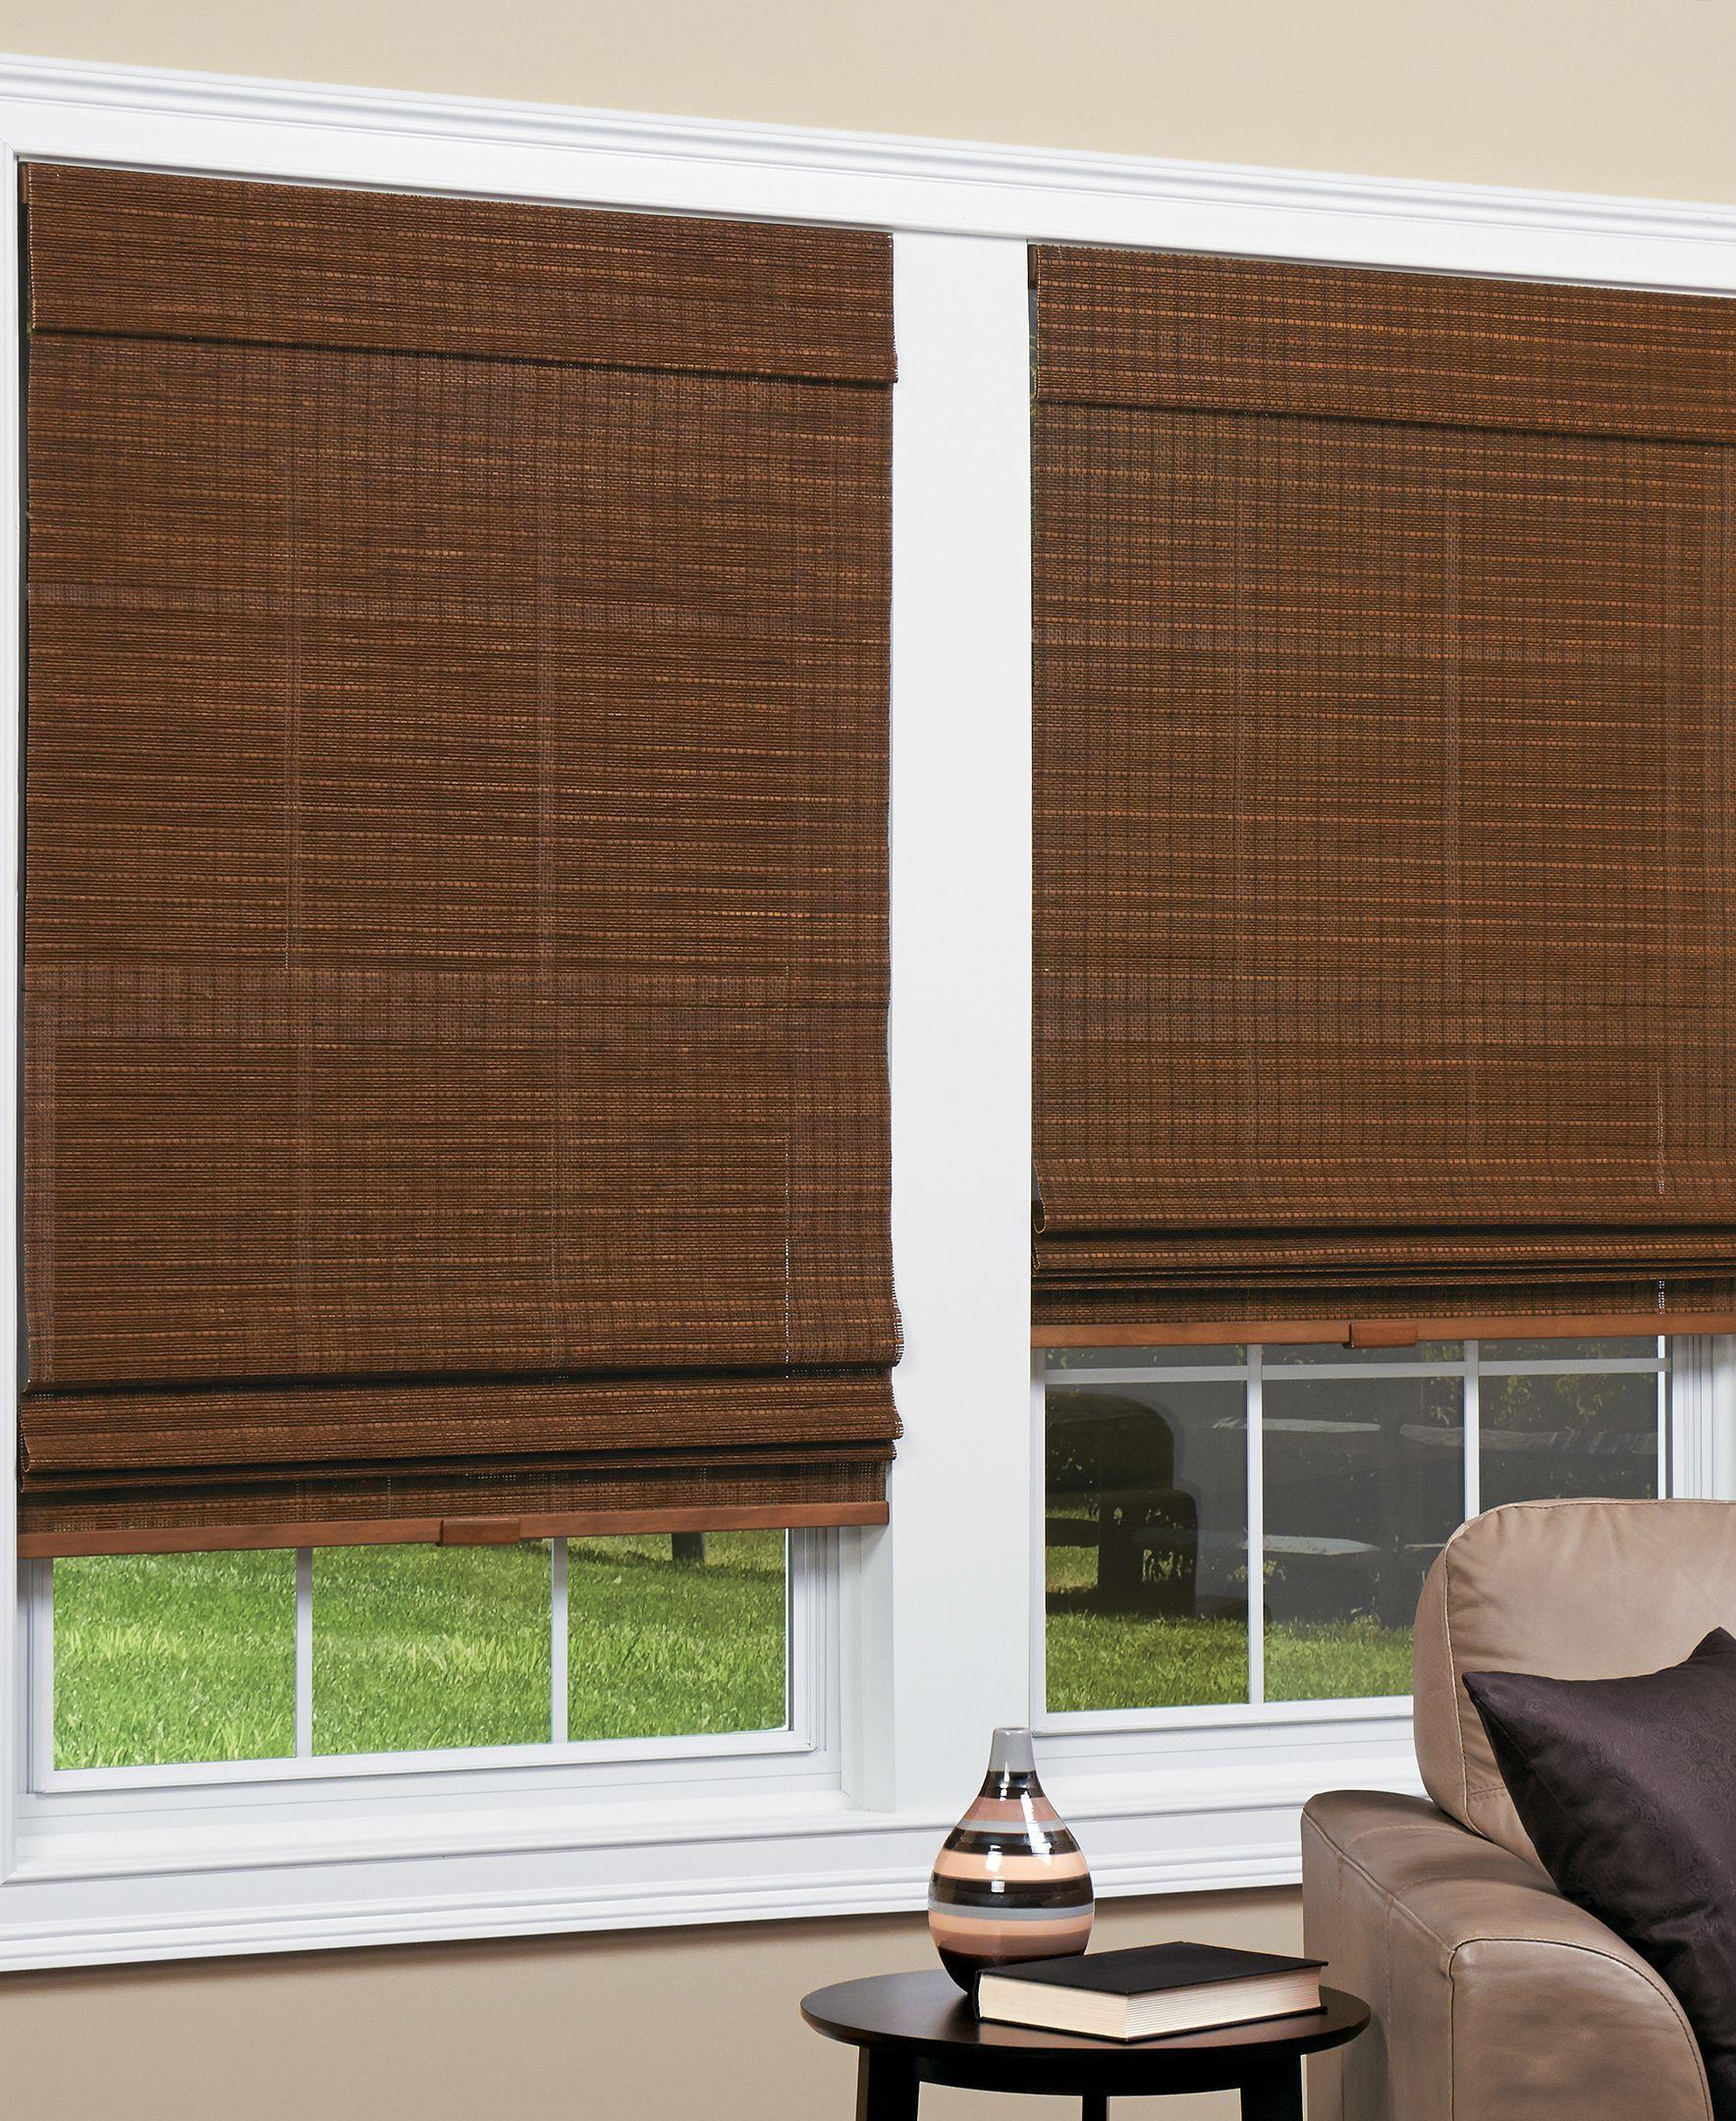 Homebasics Cordless Natural Woven Bamboo Panama Roman Shade 31 X